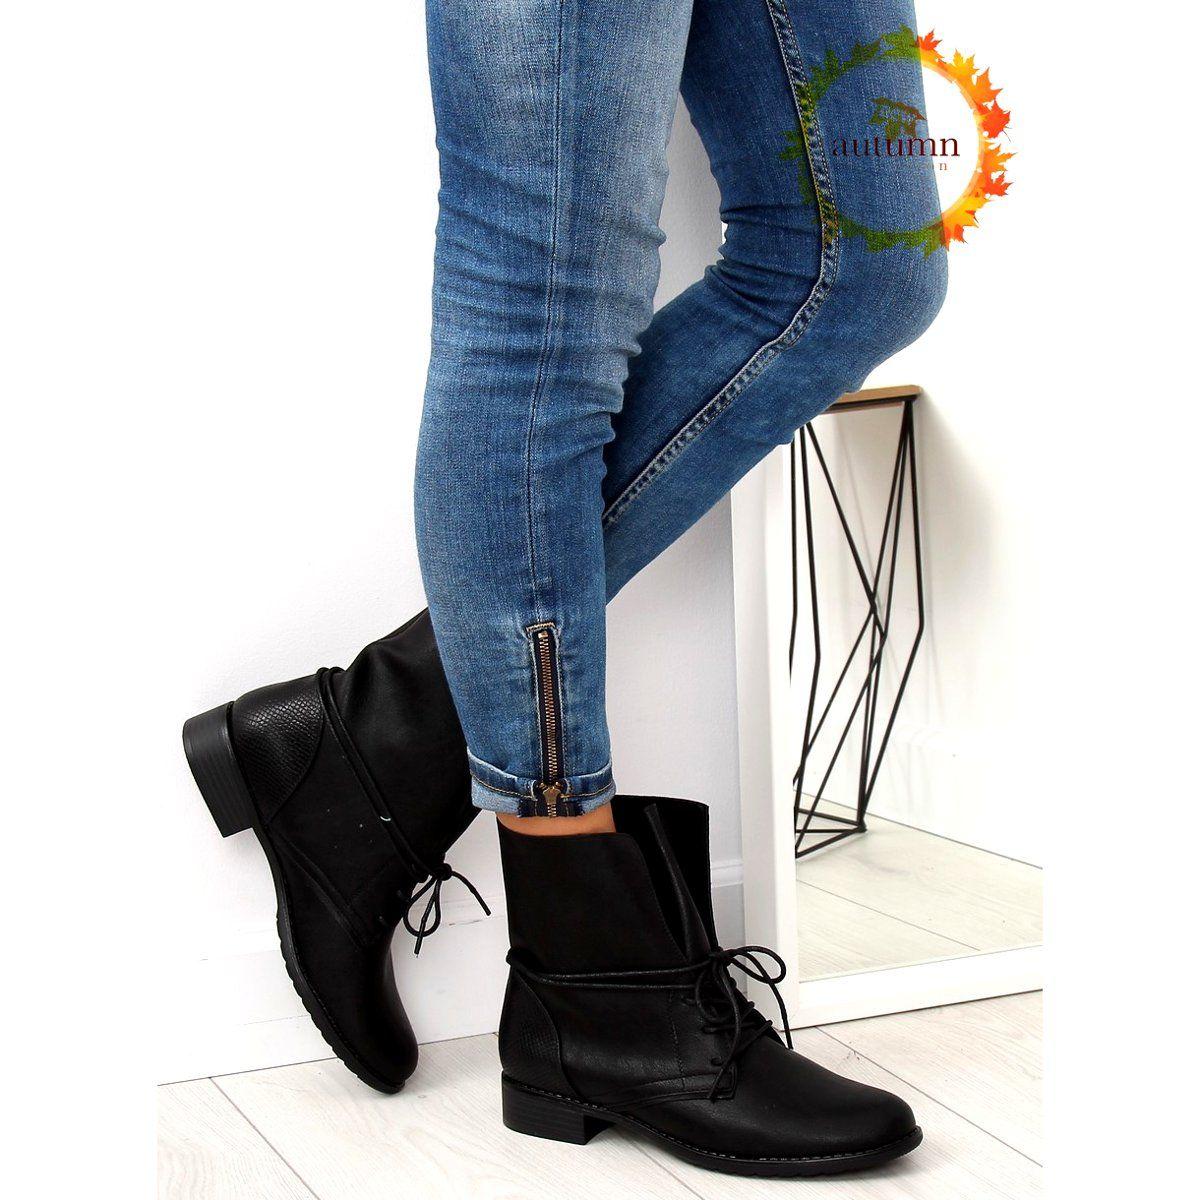 Botki Damskie Butymodne Botki Workery Czarne 16006 53a Black Skinny Jeans Fashion Boots